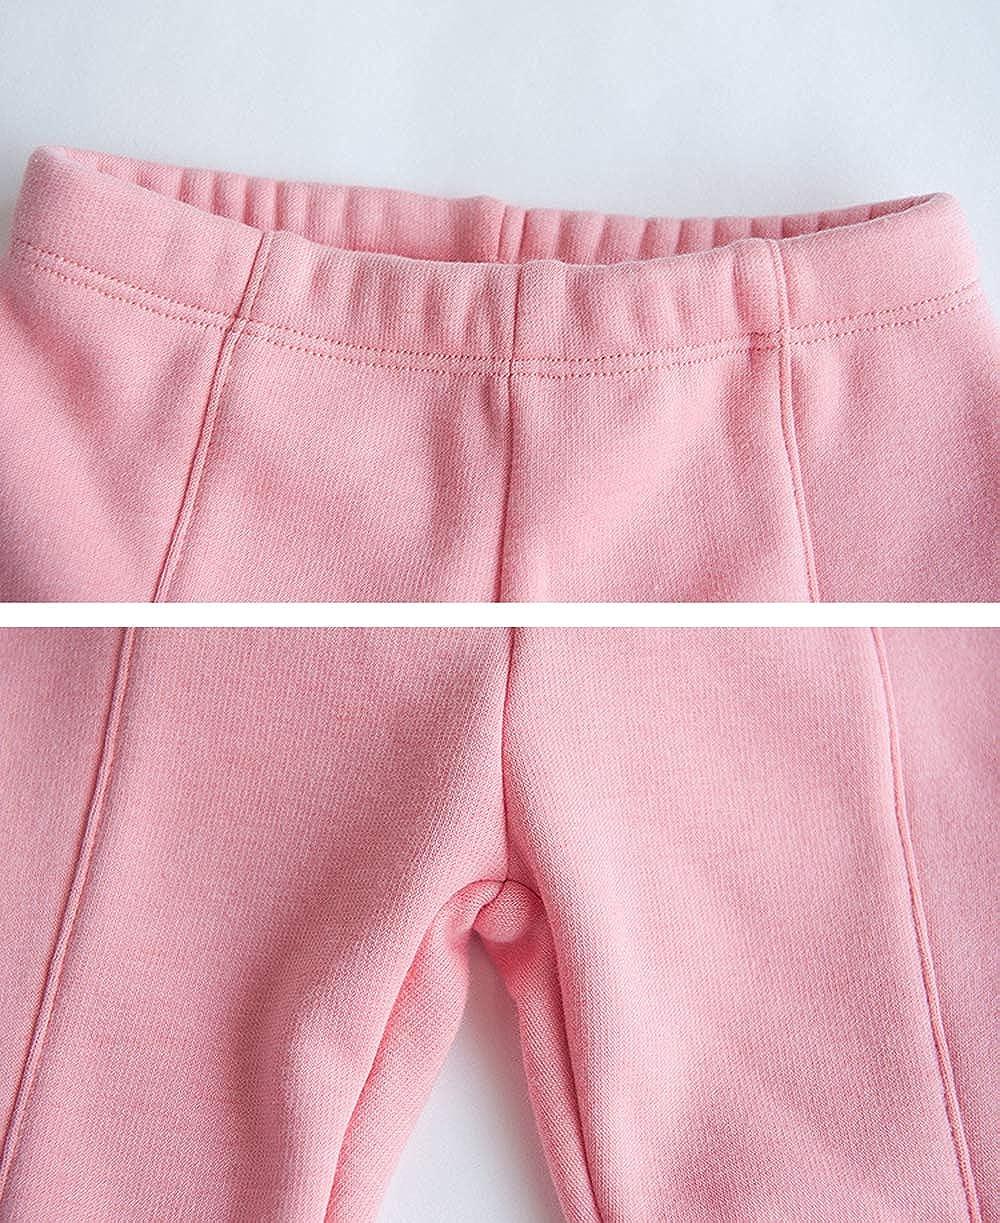 AIKSSOO Toddler Baby Girls Kitten Pattern Cotton Thick Leggings Pants